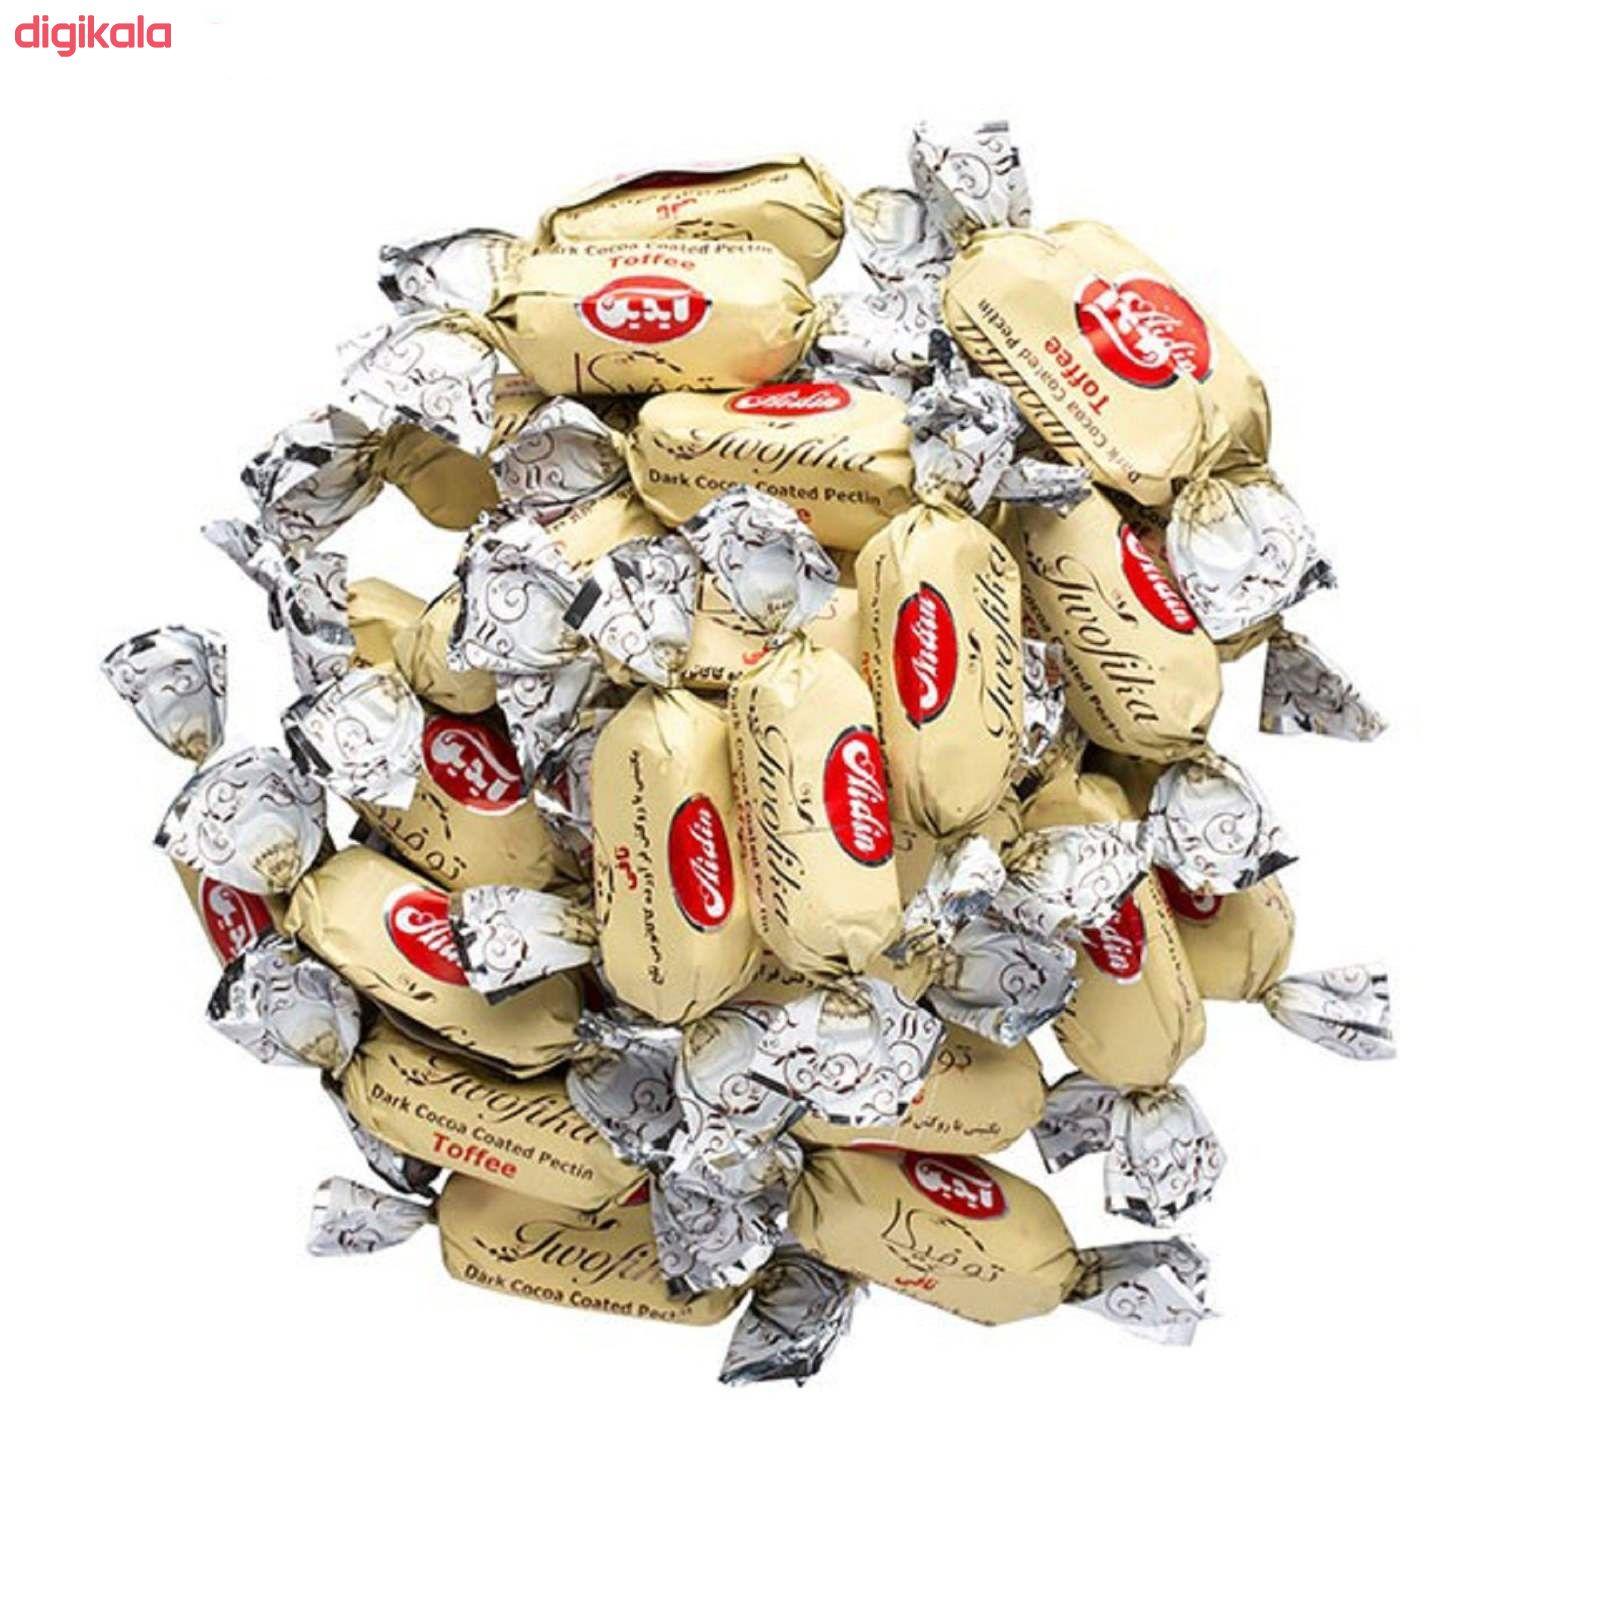 تافی با روکش کاکائو تلخ توفیکا آیدین - 300 گرم main 1 4